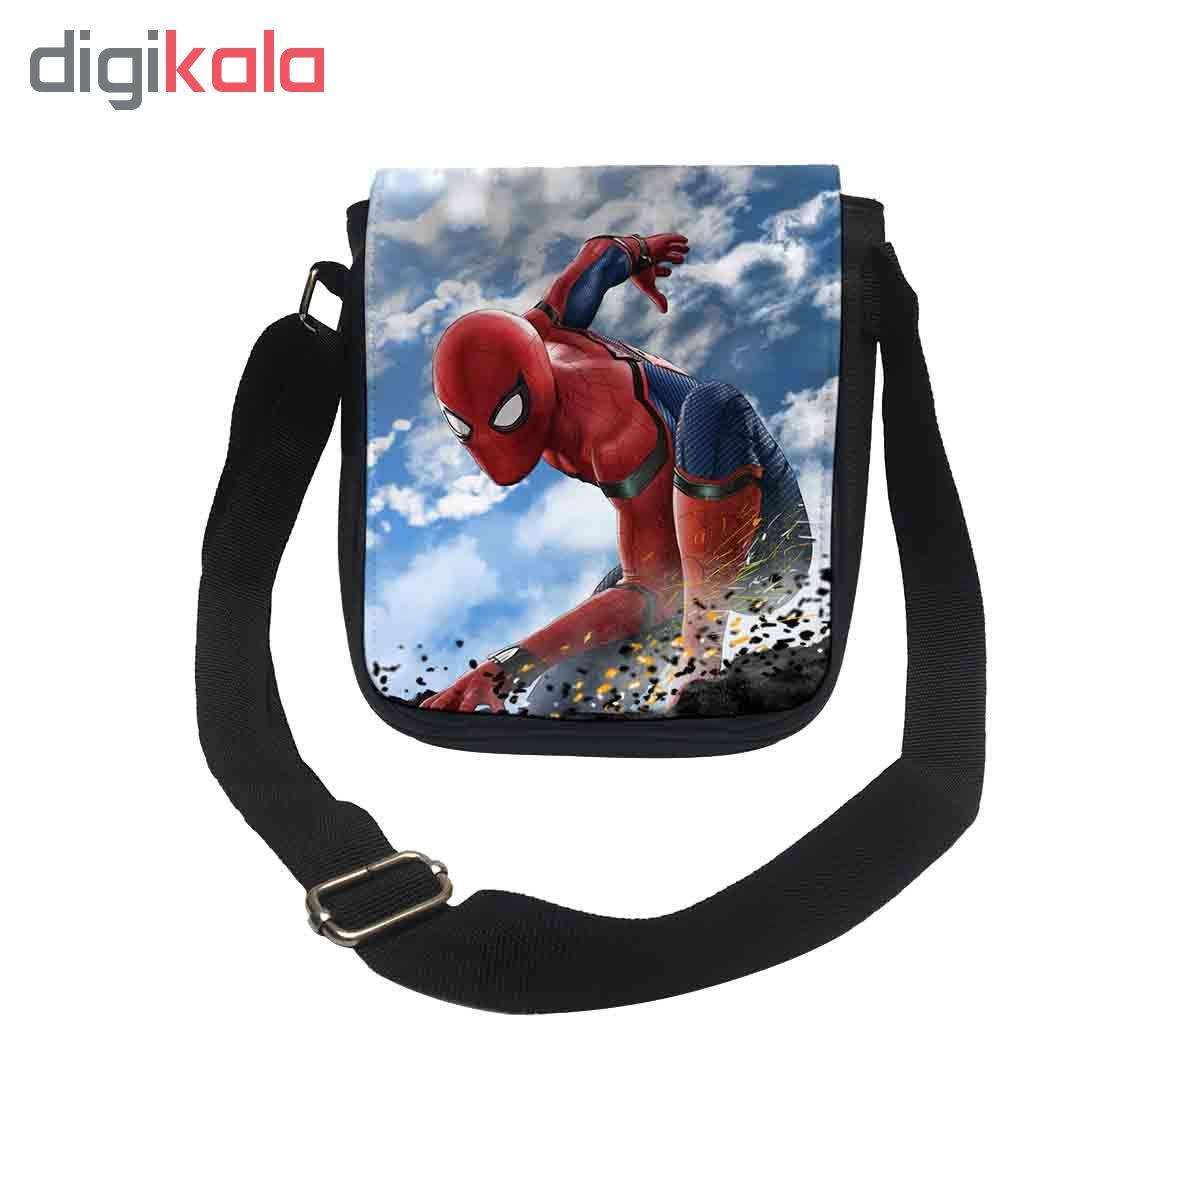 کیف دوشی طرح مرد عنکبوتی کد k168